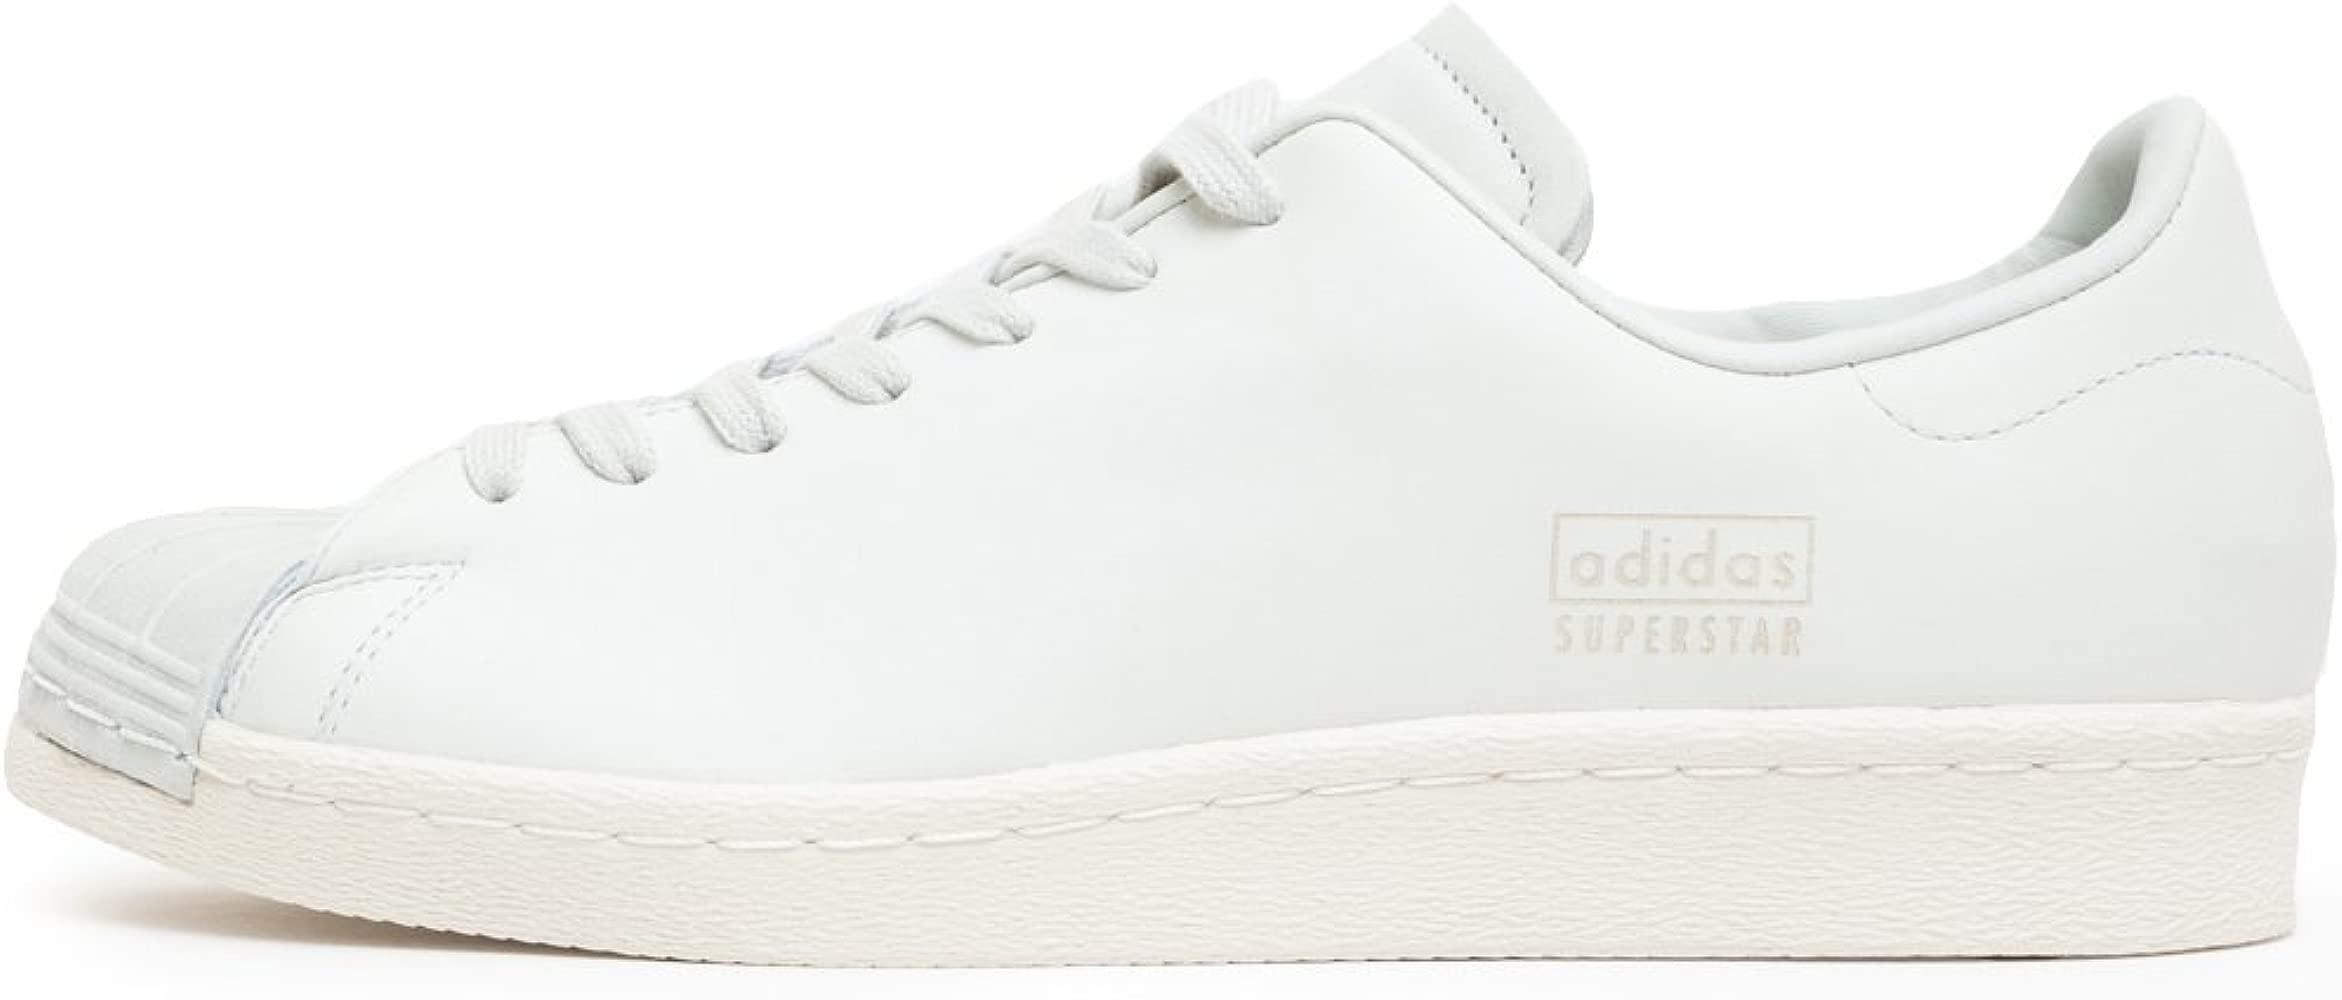 adidas superstar 80s white clean